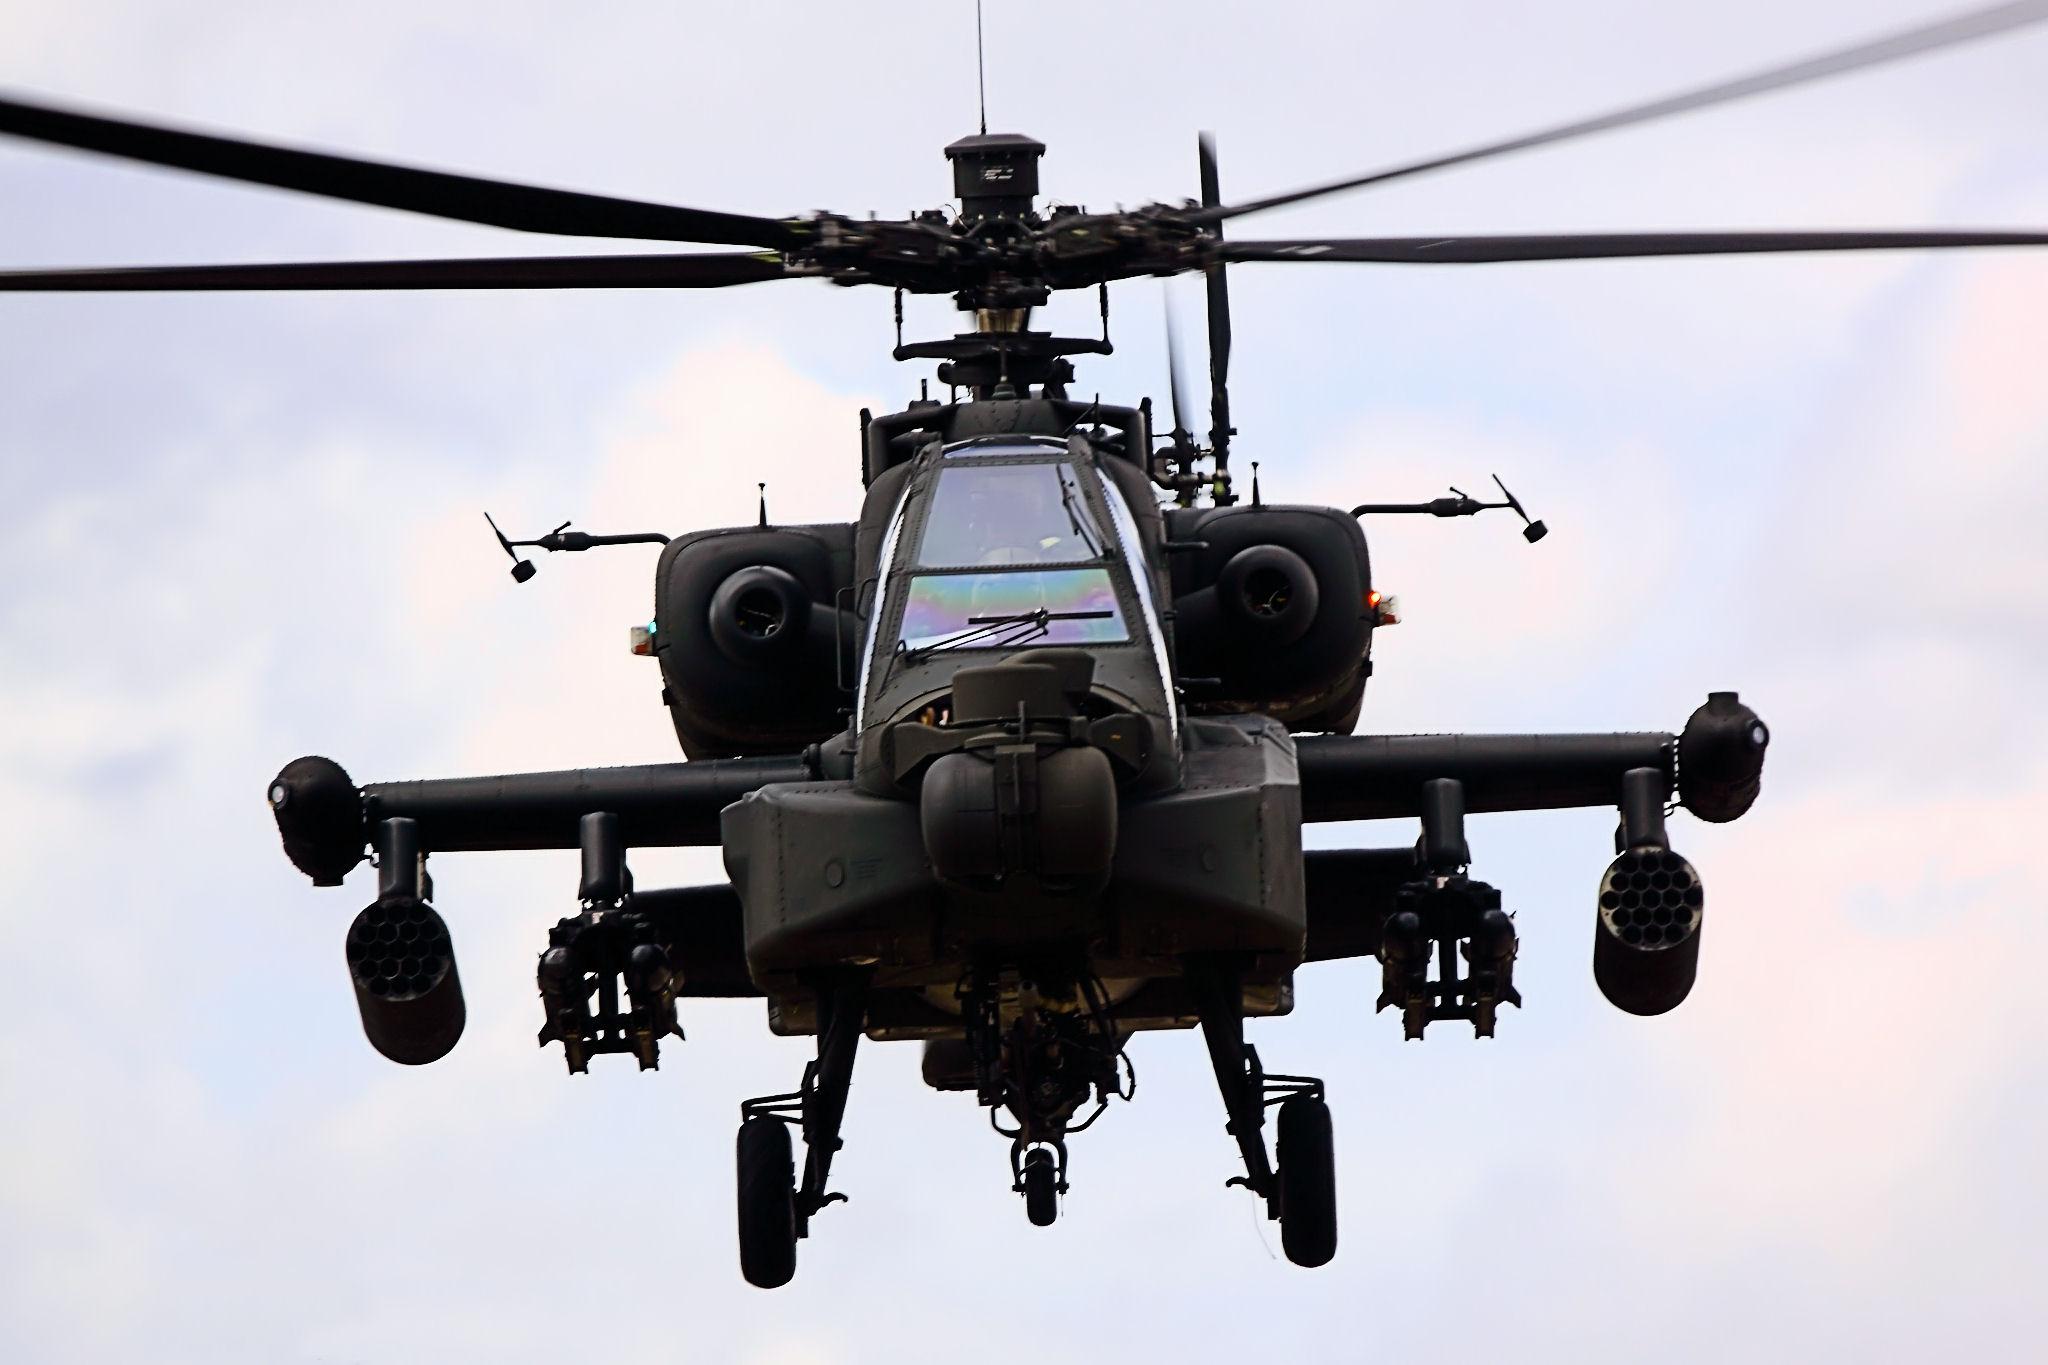 Trực thăng tấn công AH-64 Apache được trang bị hệ thống vũ khí hiện đại